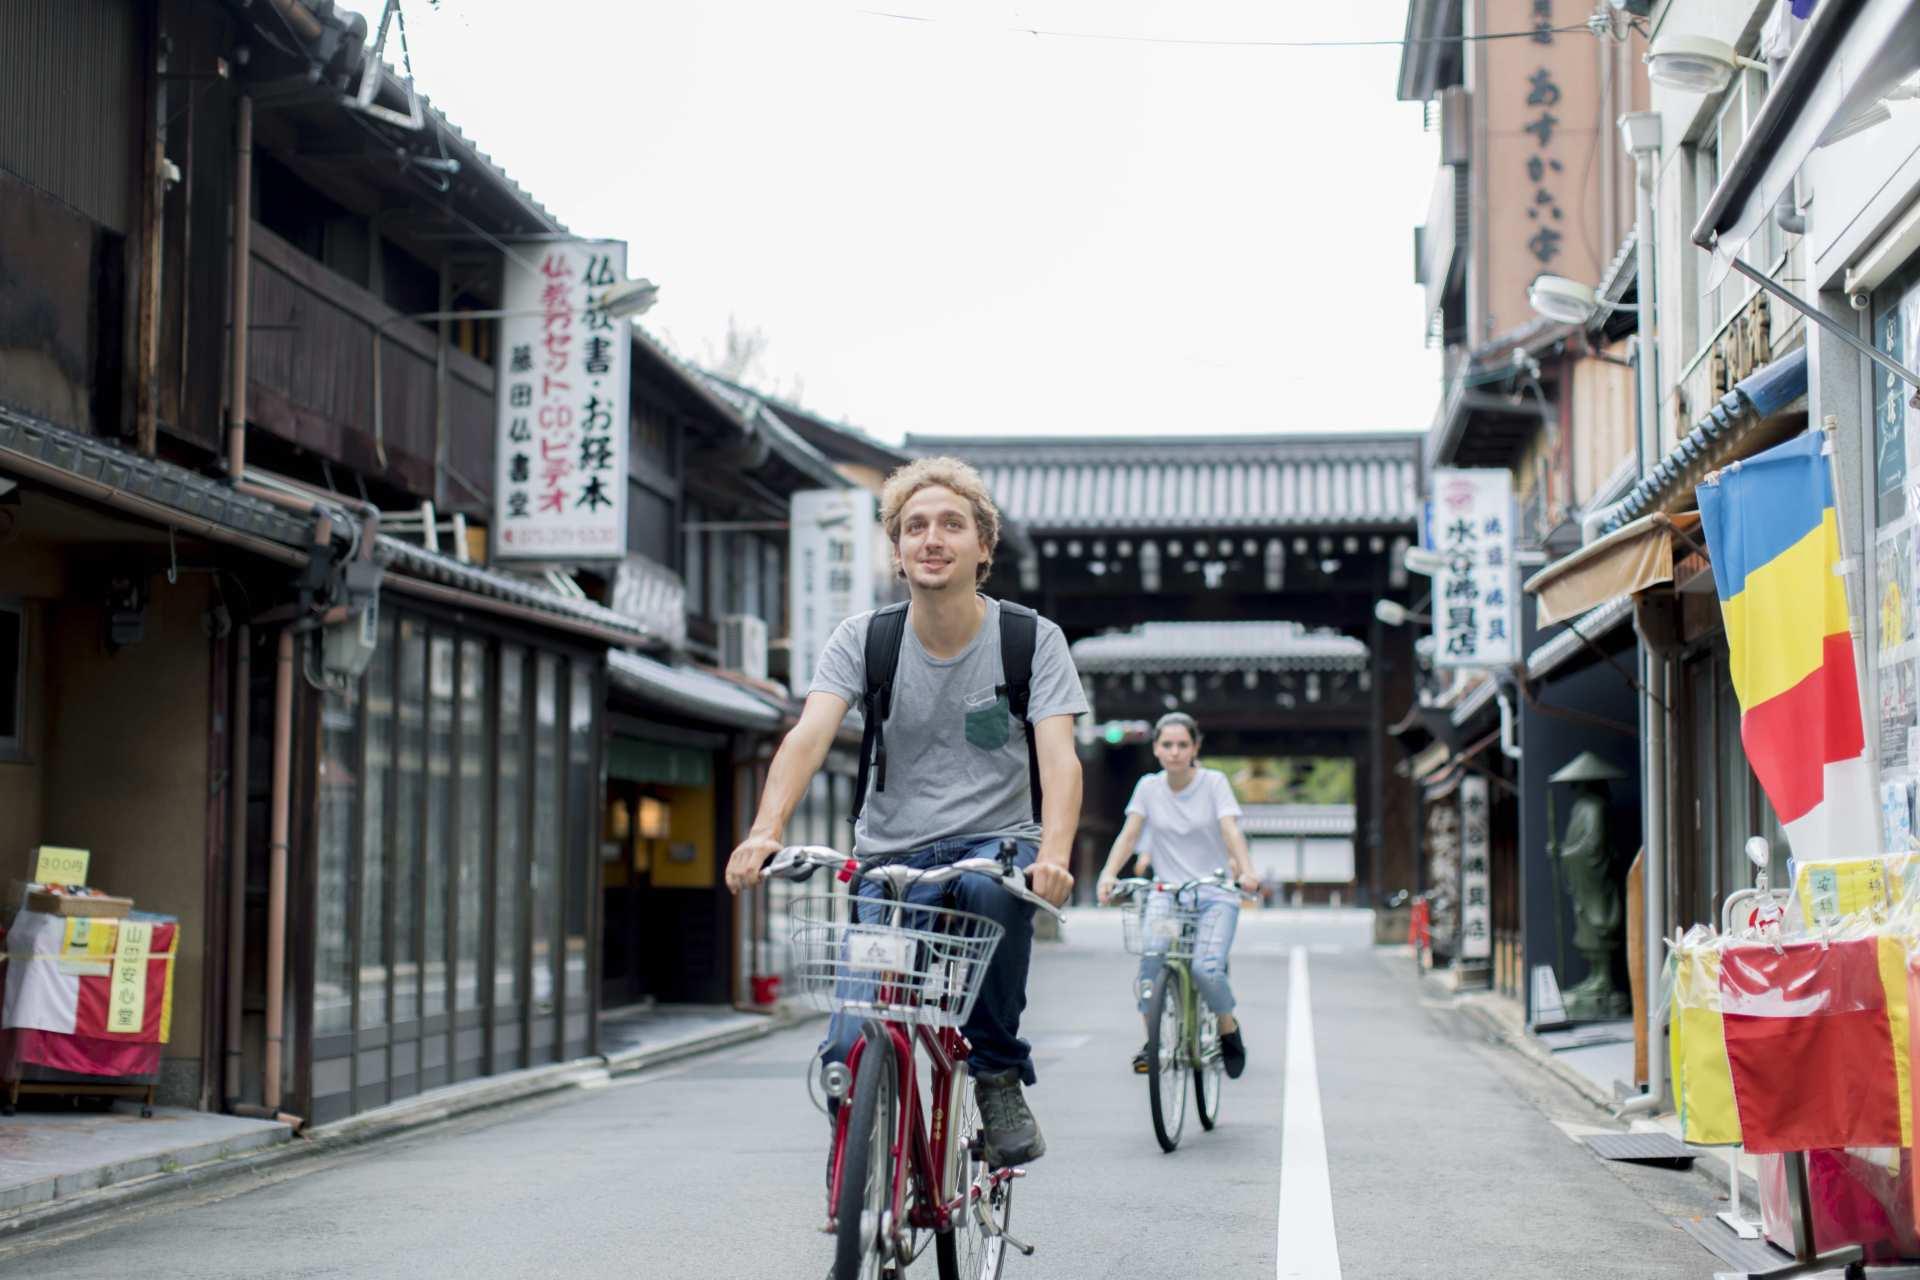 日本京都|レンタサイクル|京都駅サイクルターミナル